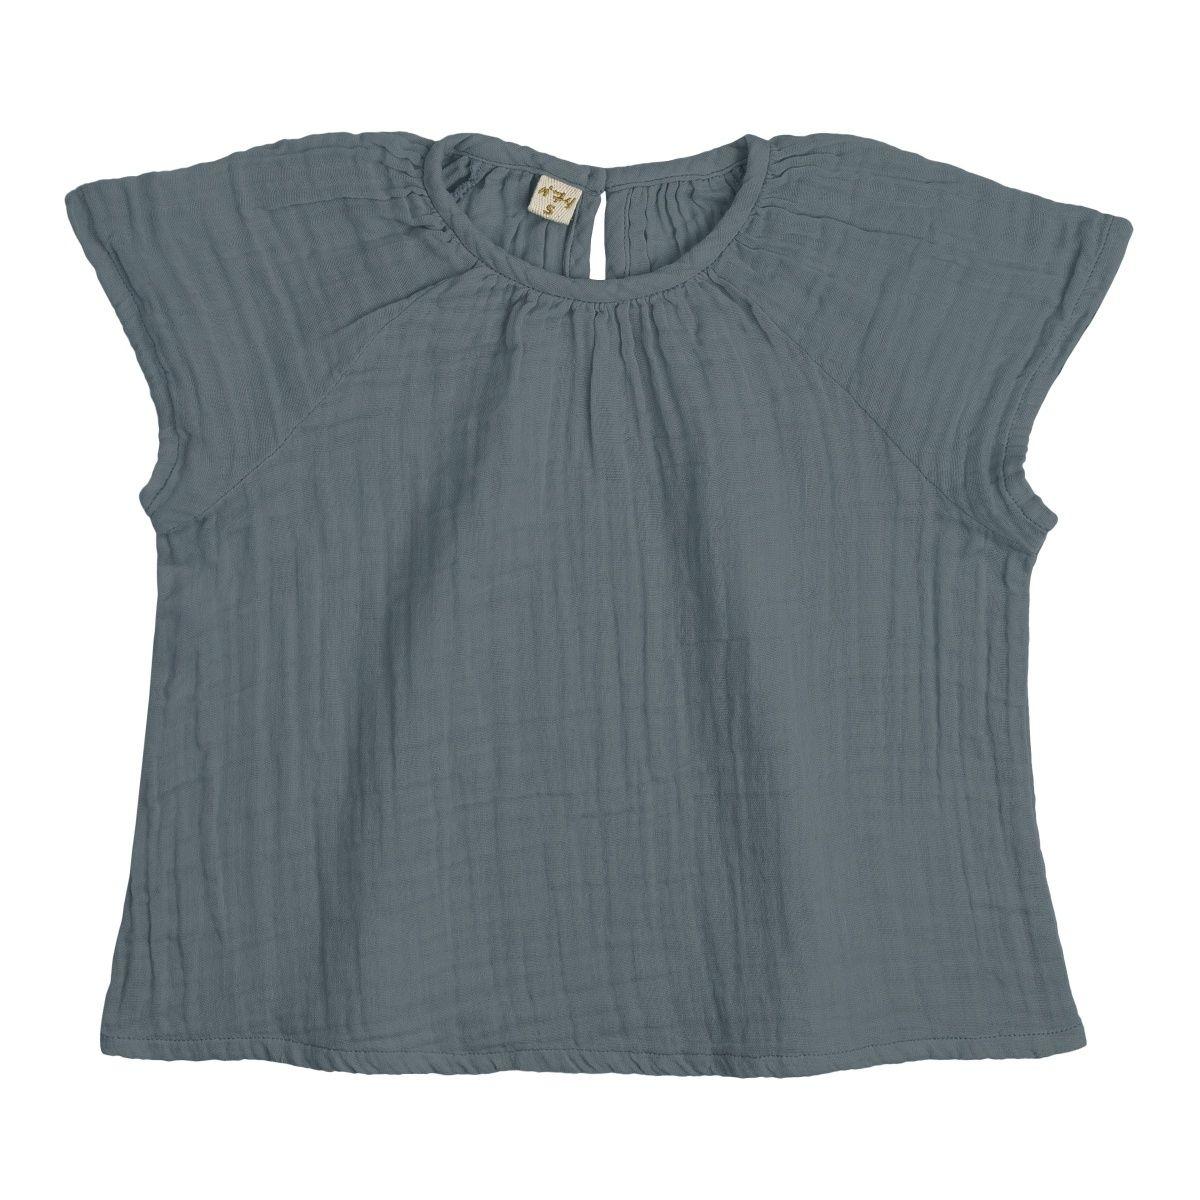 Bluzka dziecięca Clara szaroniebieska - Numero 74